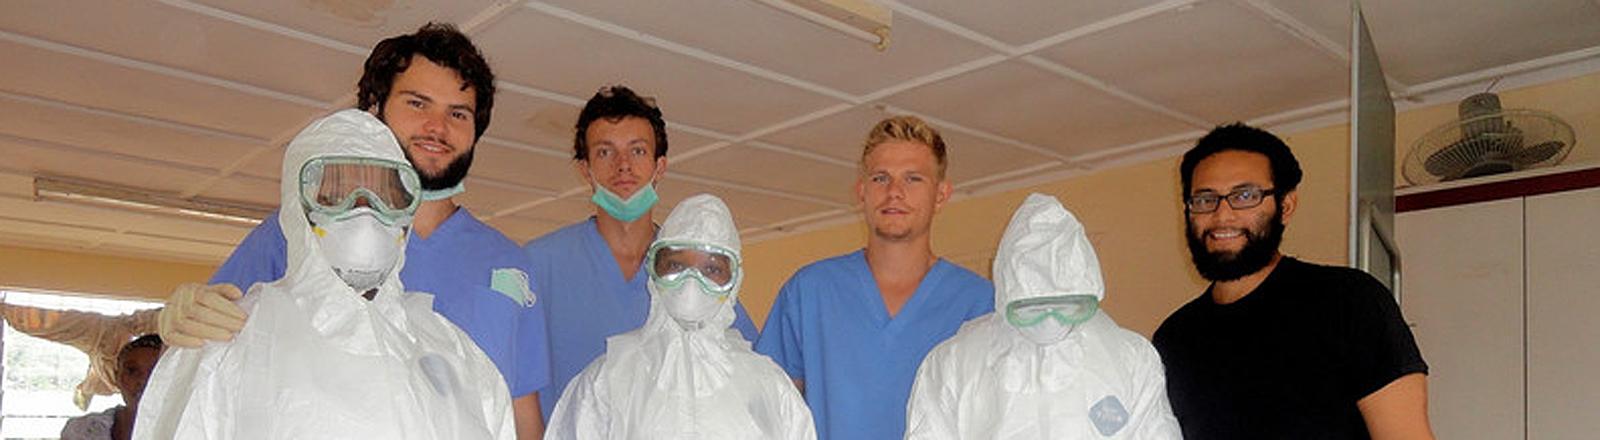 Nicolas Aschoff, Simon Scheiblhuber, Till Eckert und Notfallpfleger Harvey Santos (v.l.) mit drei Krankenschwestern im Sicherheitsanzug